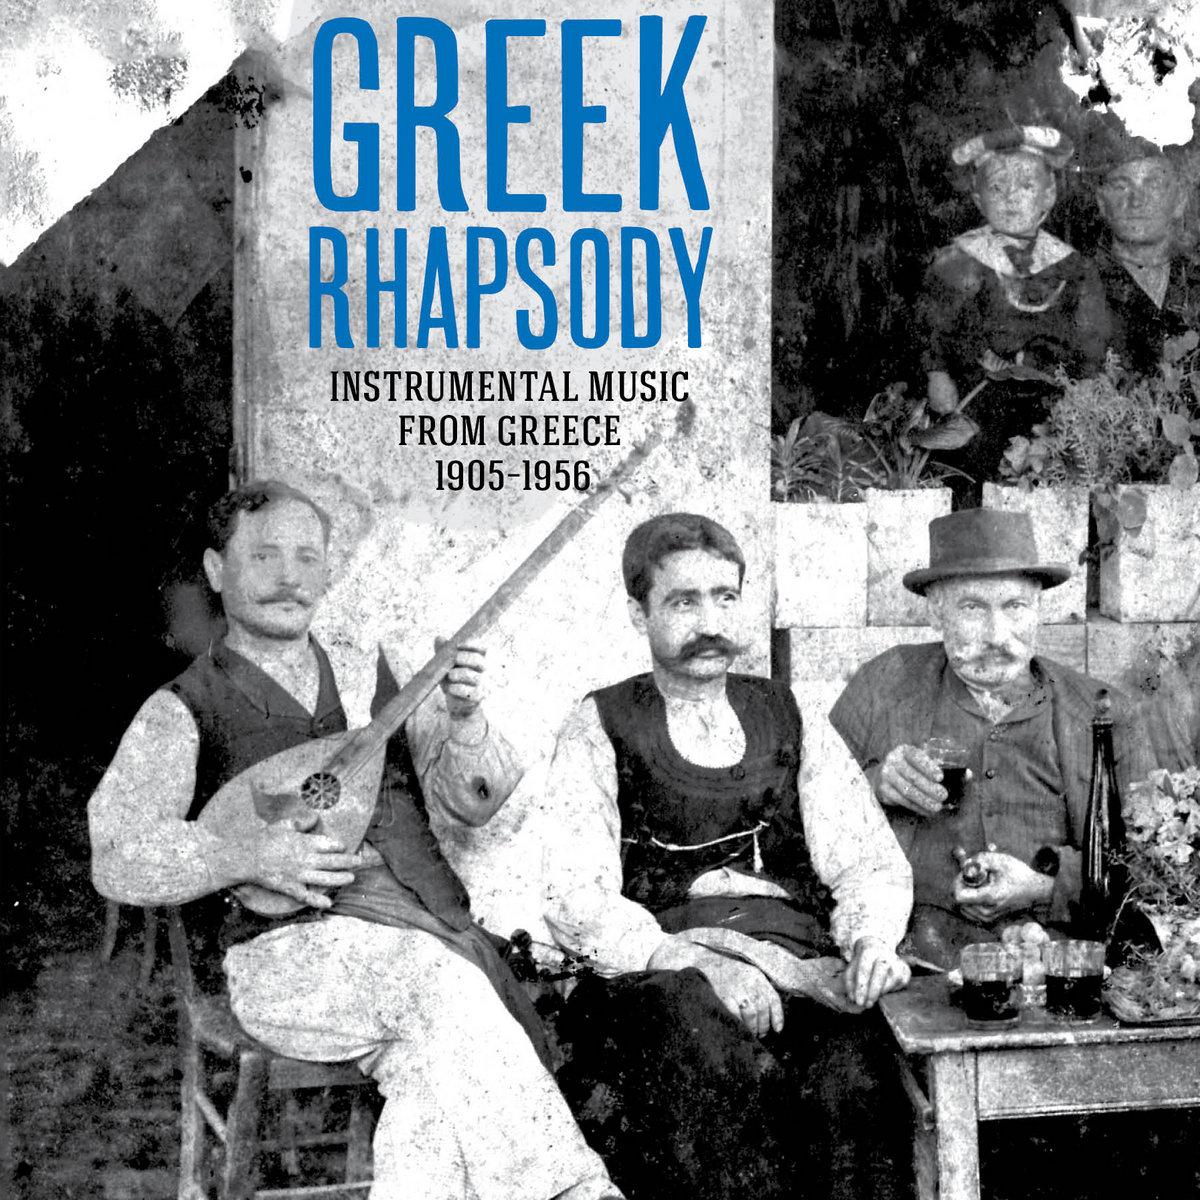 Greek Rhapsody – Instrumental Music from Greece 1905-1956